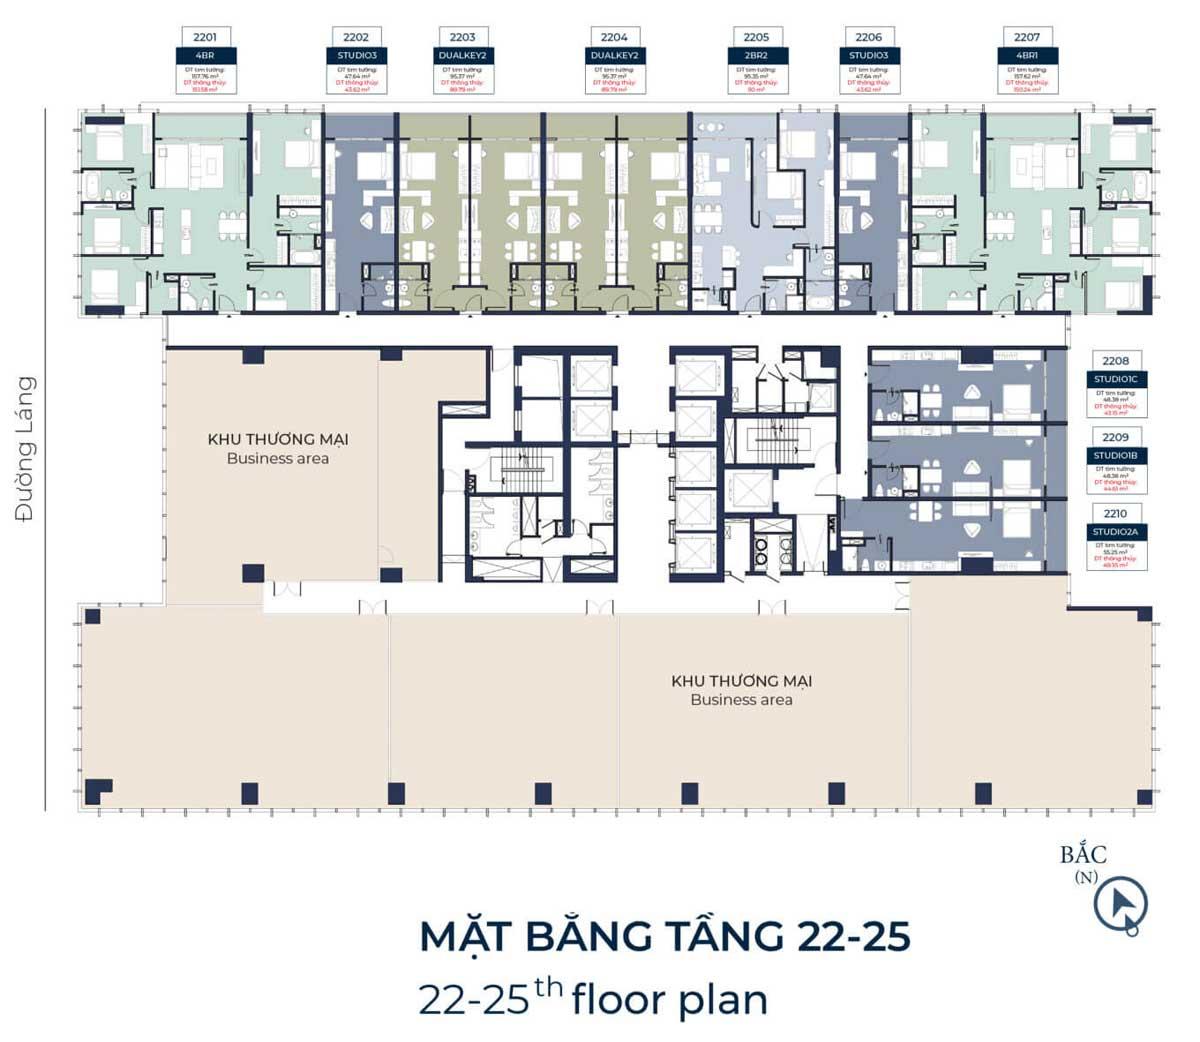 mat bang tang 22 25 du an lancaster luminnaire - mat-bang-tang-22-25-du-an-lancaster-luminnaire